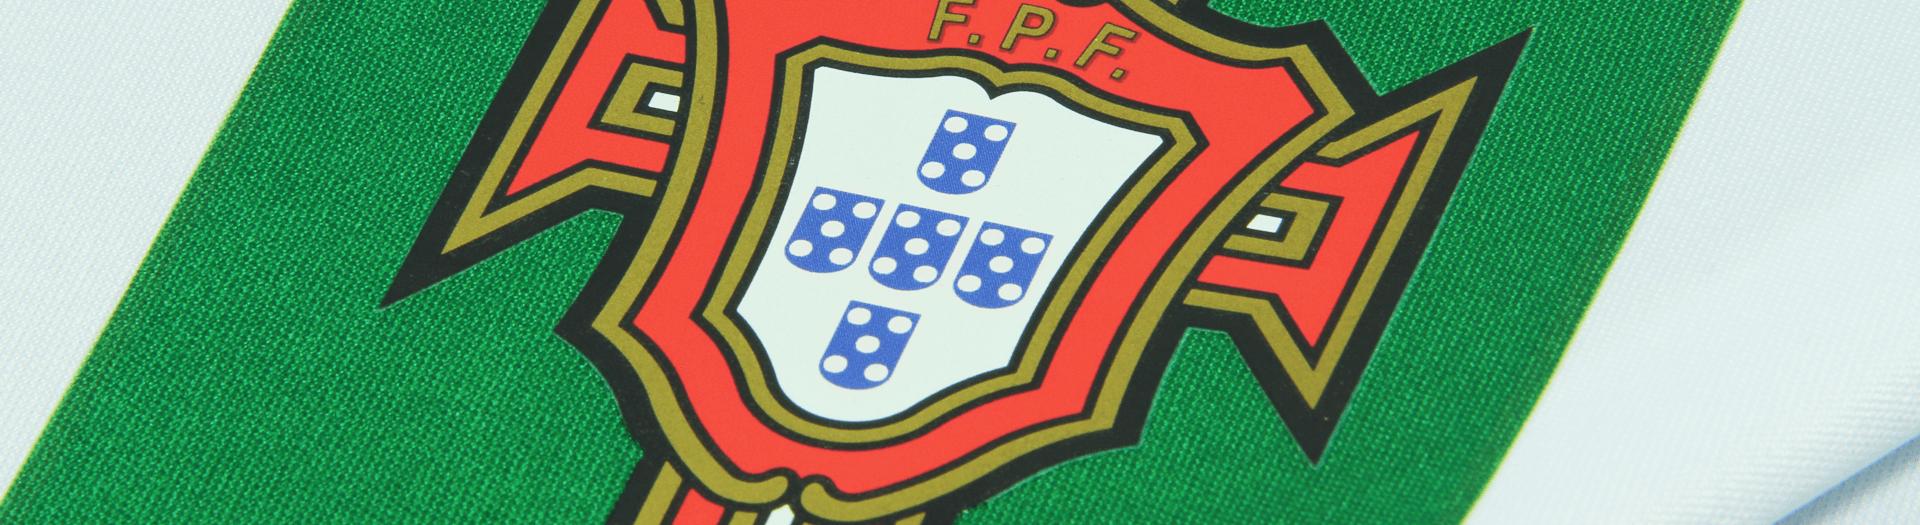 FPF dpi 3